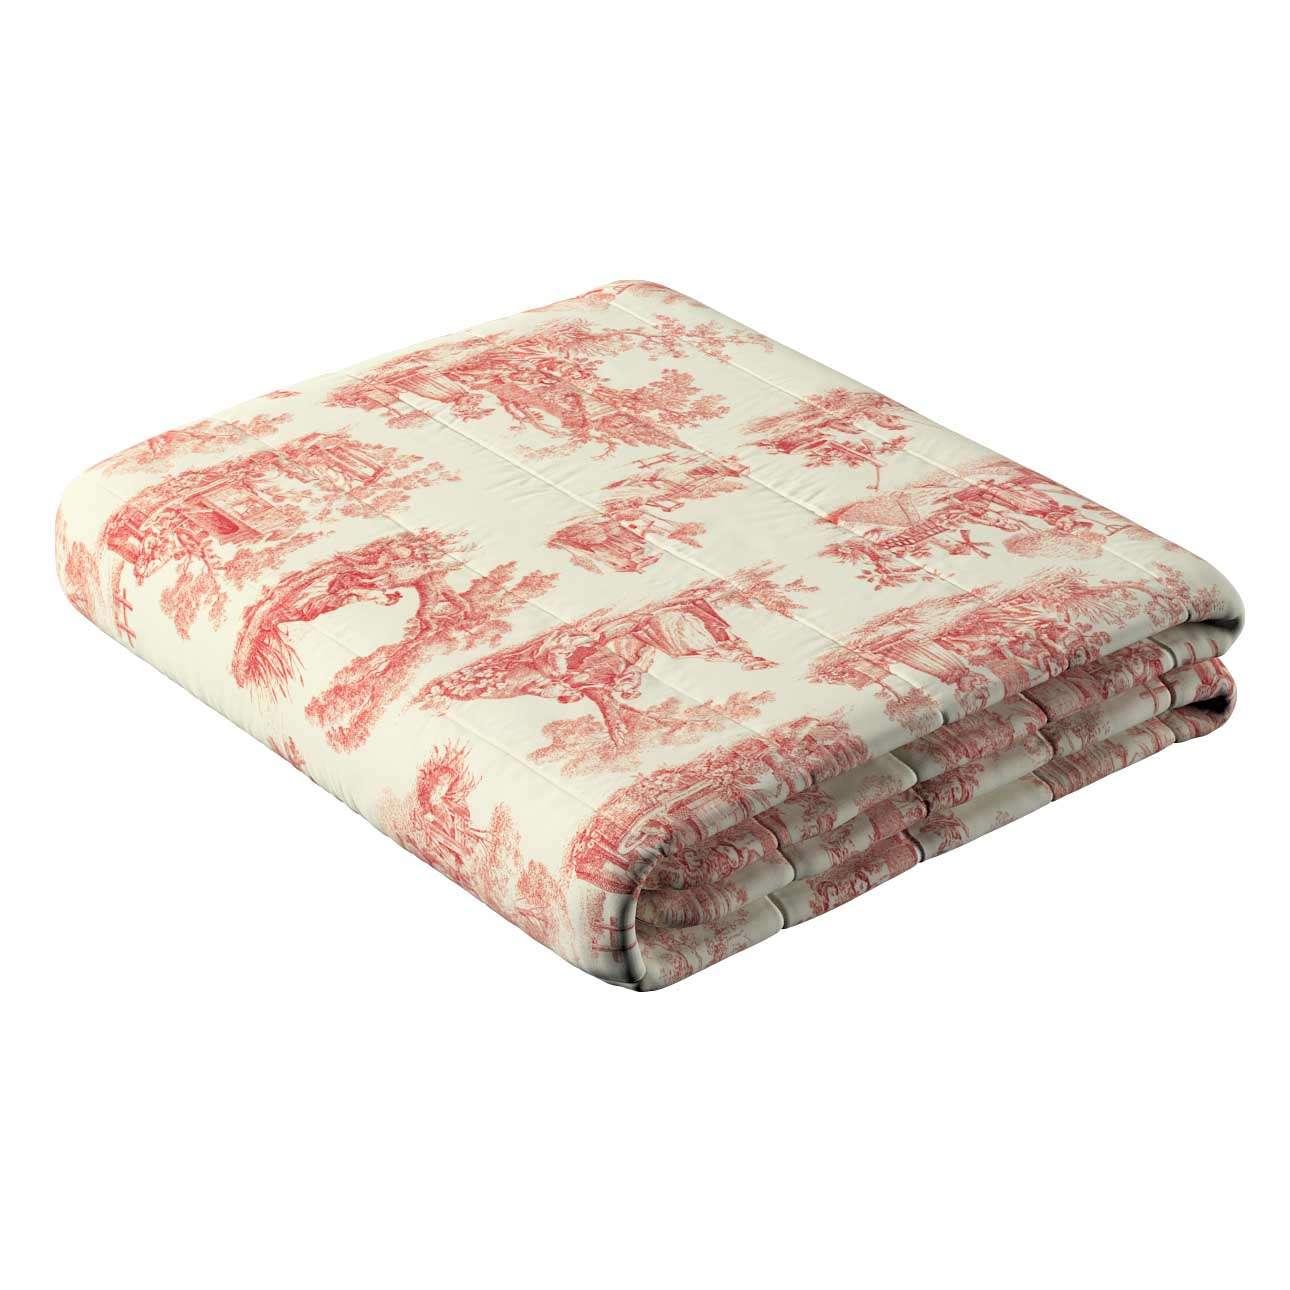 Sengeteppe quiltet<br/>10cm striper 120g/m2 260 x 210 cm fra kolleksjonen Avinon, Stoffets bredde: 132-15